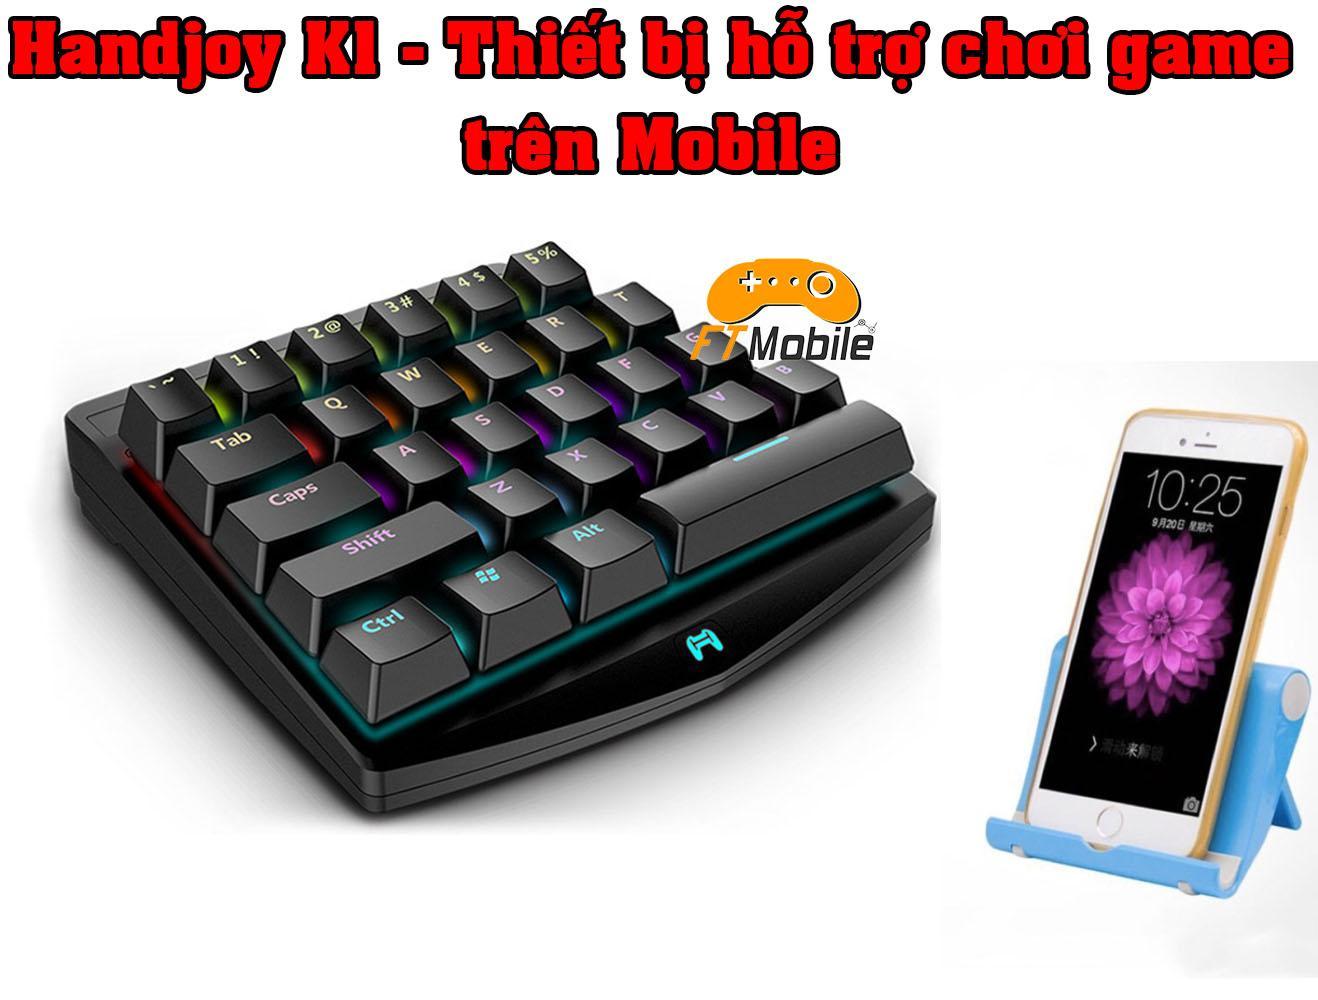 Hình ảnh Handjoy K1 - Thiết Bị Hỗ Trợ Chơi Game Chuyên Nghiệp(Tặng Giá đỡ điện thoại quá chất)